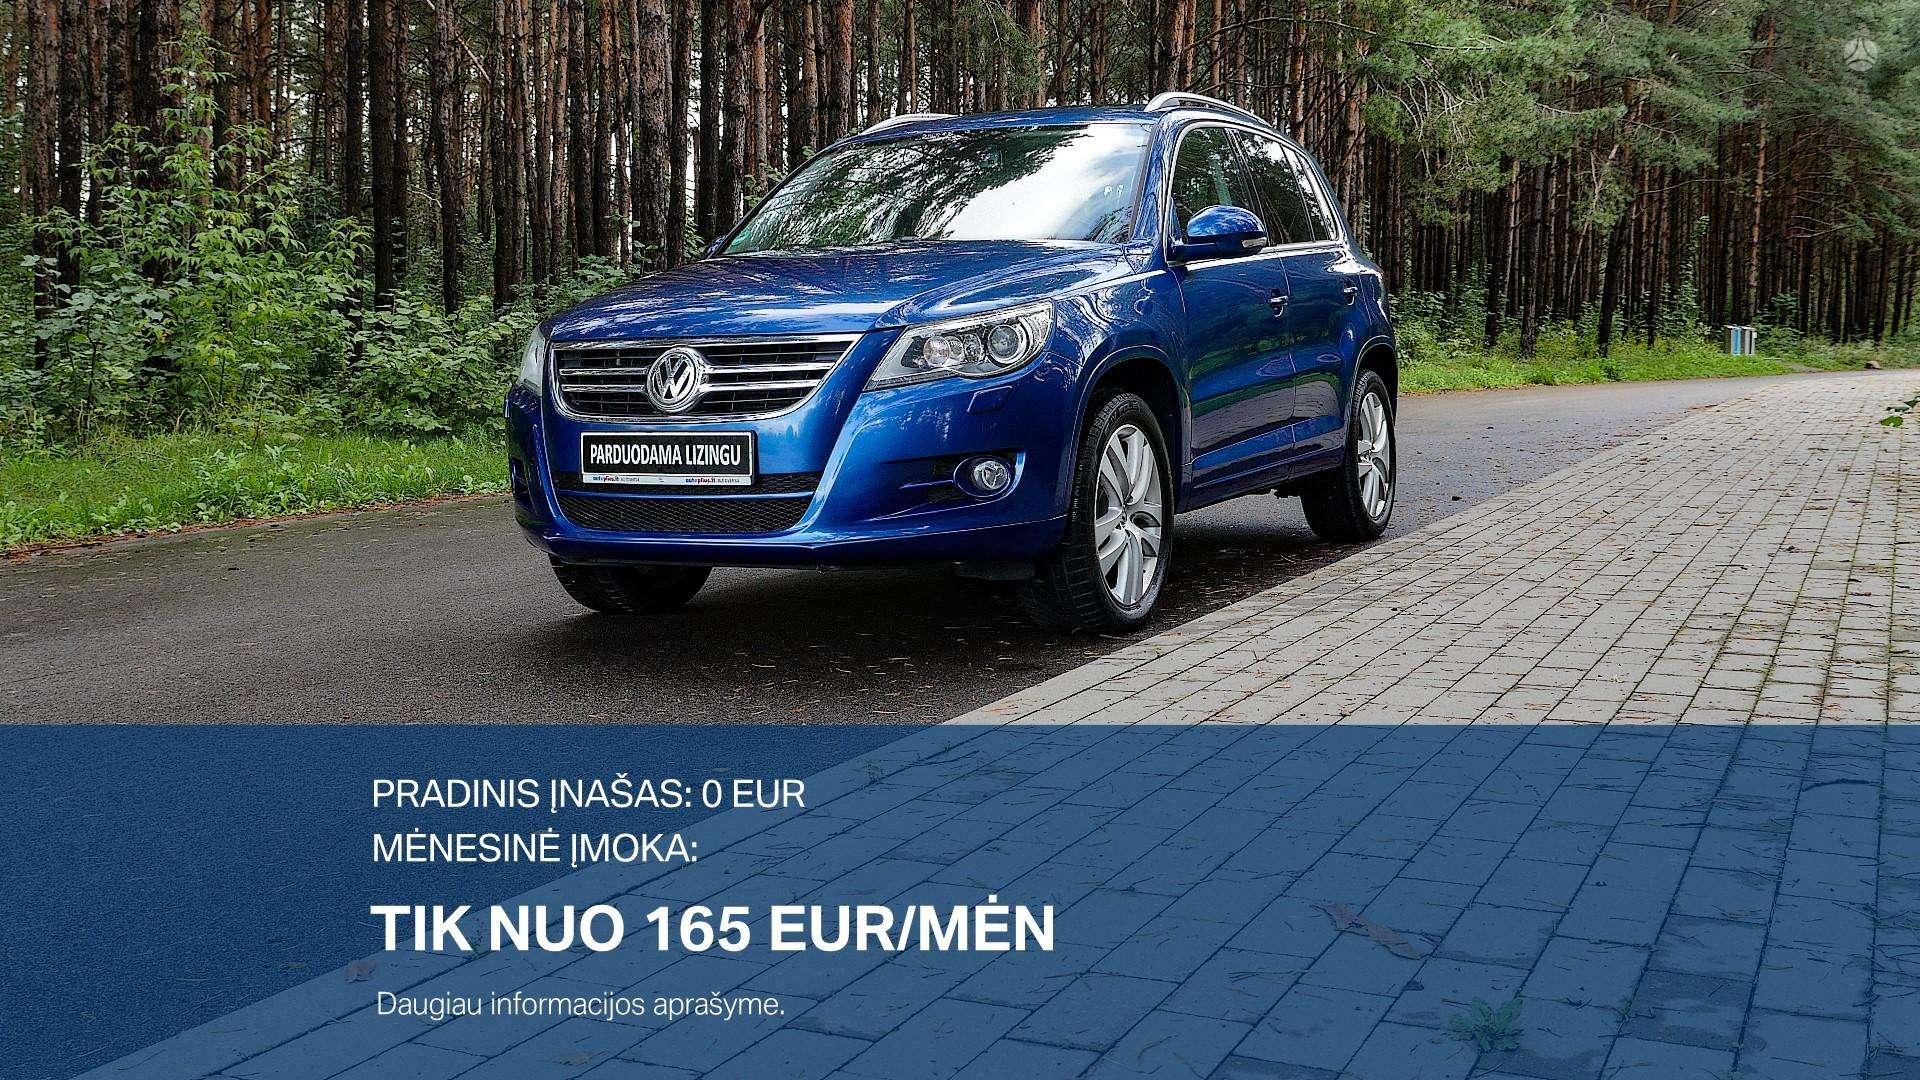 Volkswagen Tiguan išsimokėtinai nuo 165Eur/Mėn su 3 mėnesių garantija